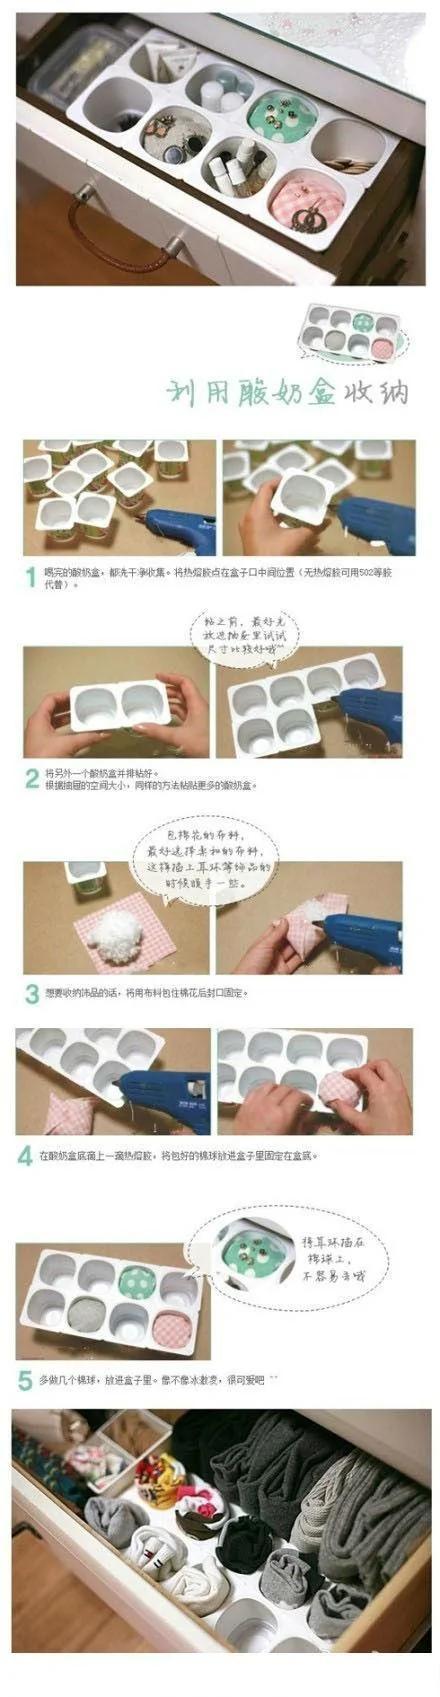 酸奶盒不要丢!看看人家是怎么用的